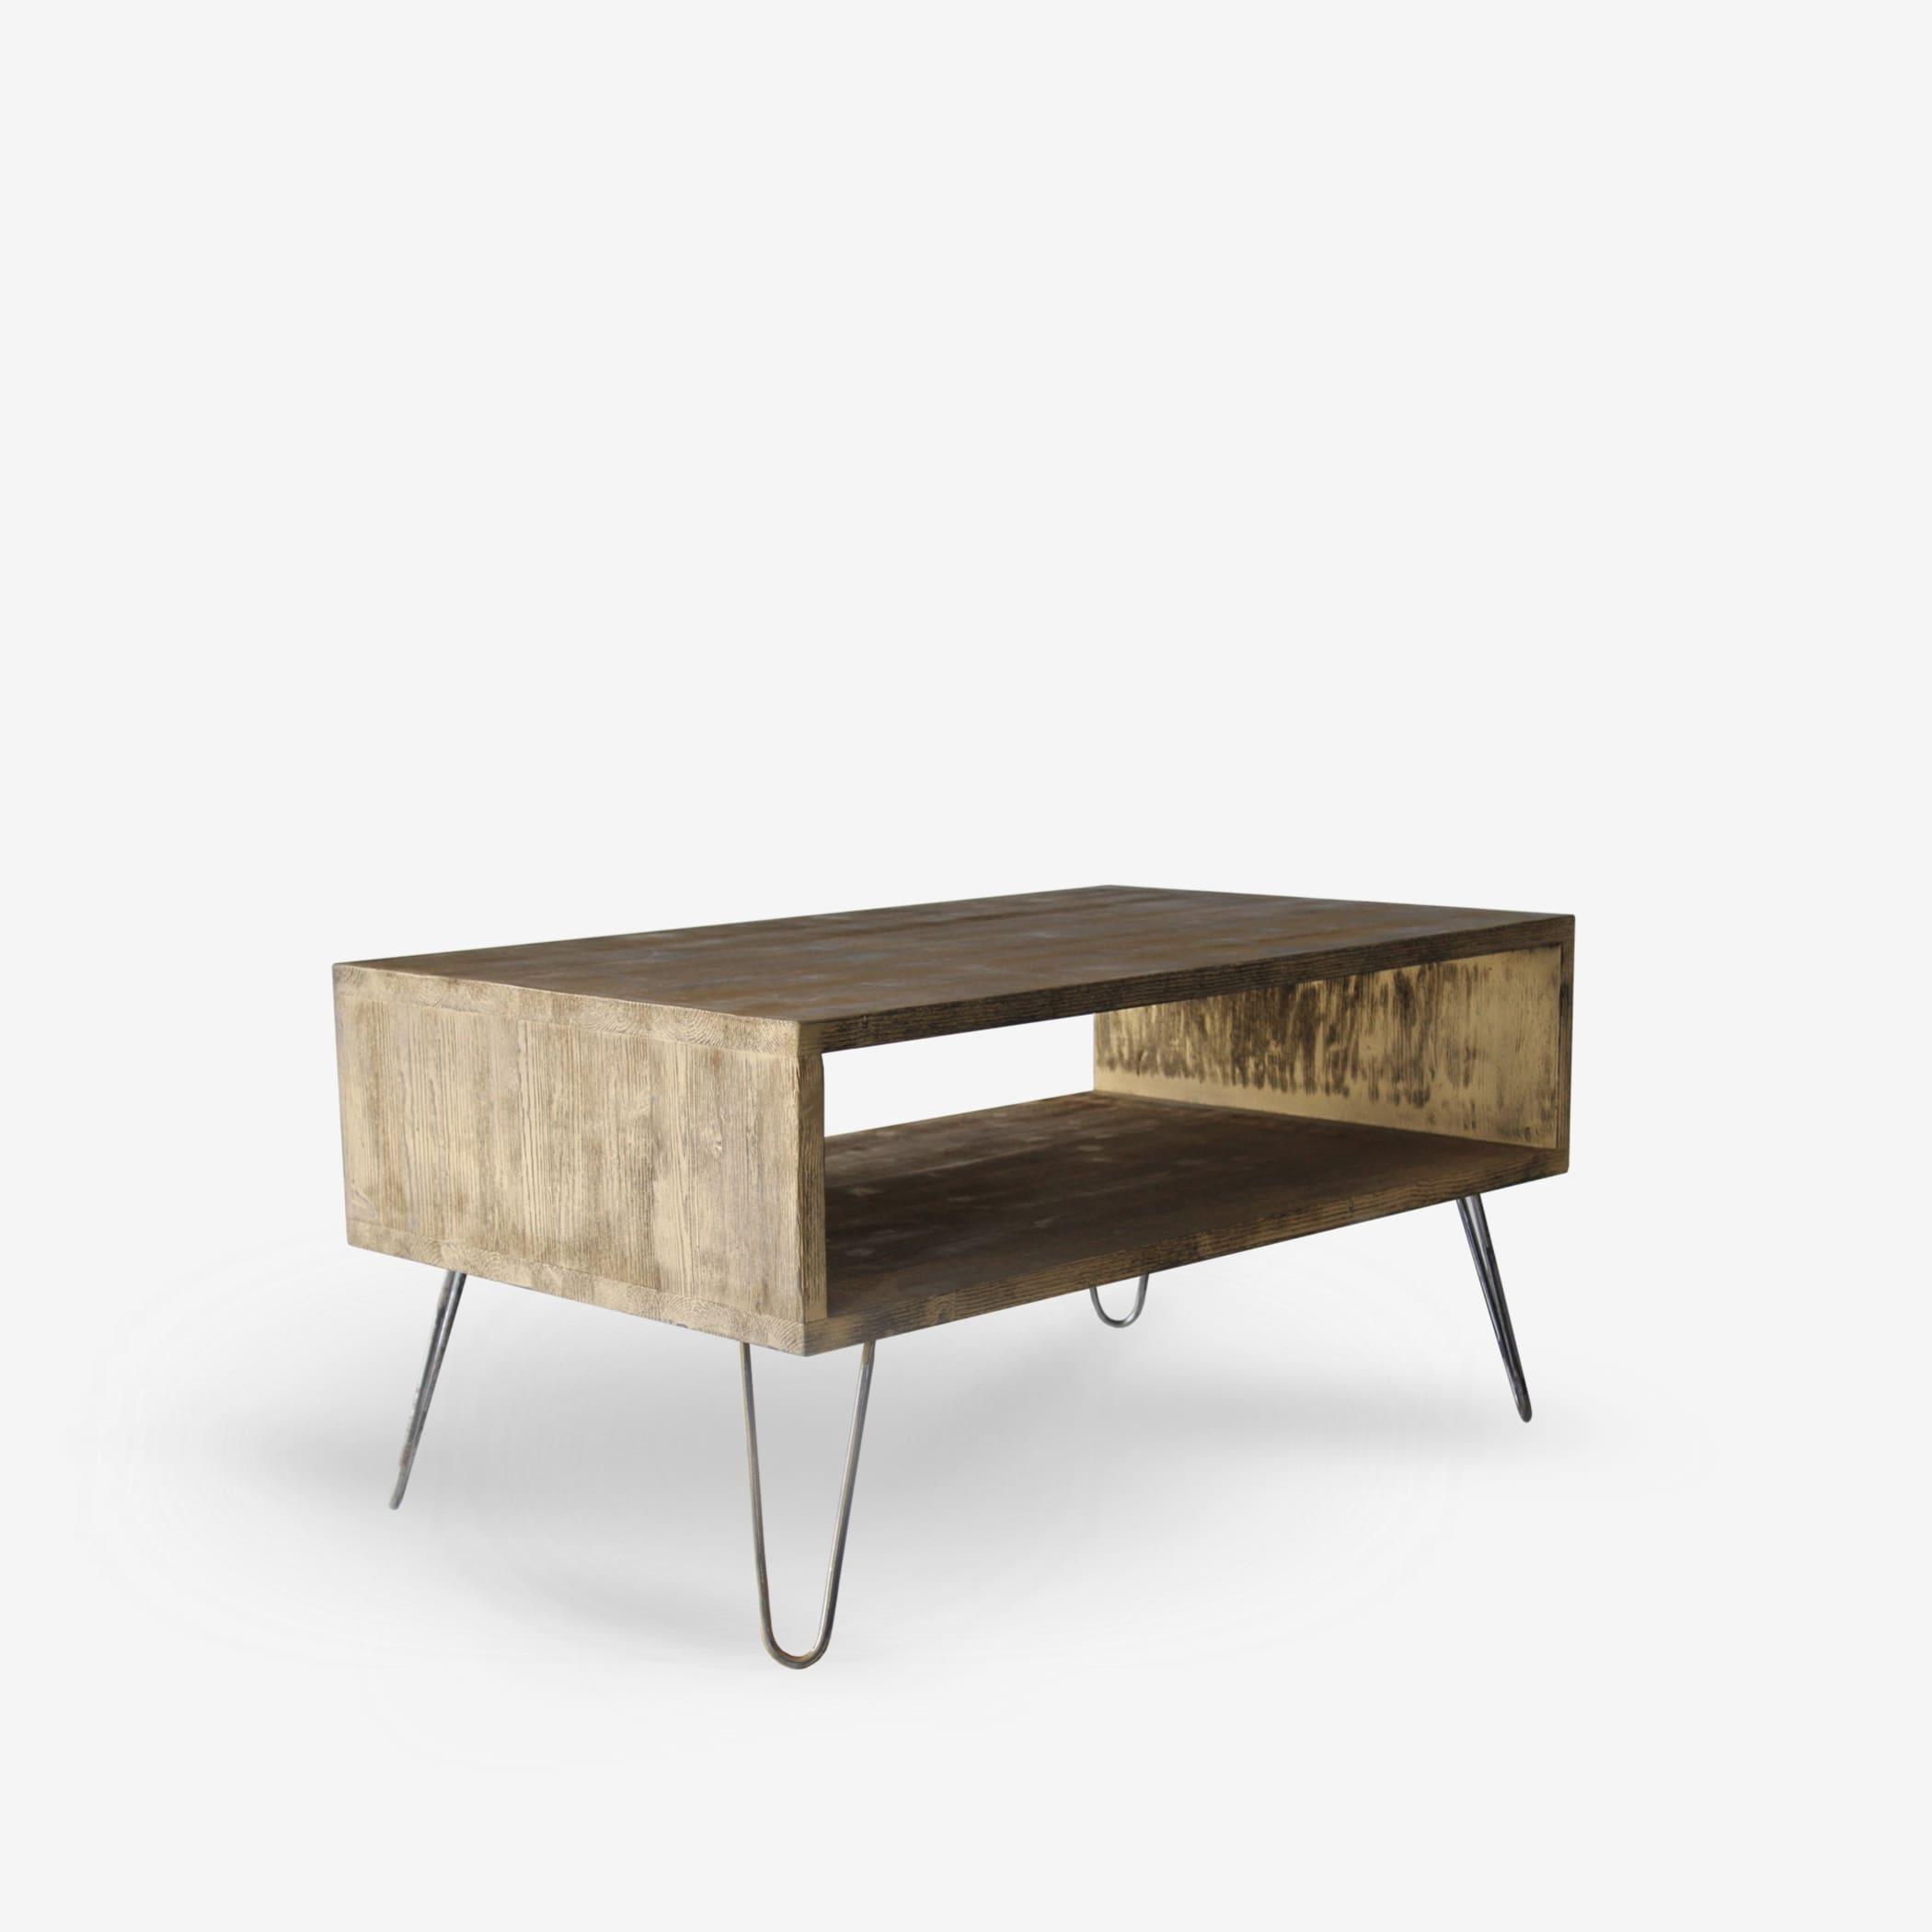 produzione-tavolino-da-fumo-in-legno-per-arredamento-ristoranti-arredamento-bar-arredo-alberghi-arredo-negozi-uffici-tavoli-per-arredamento-contract-MILO